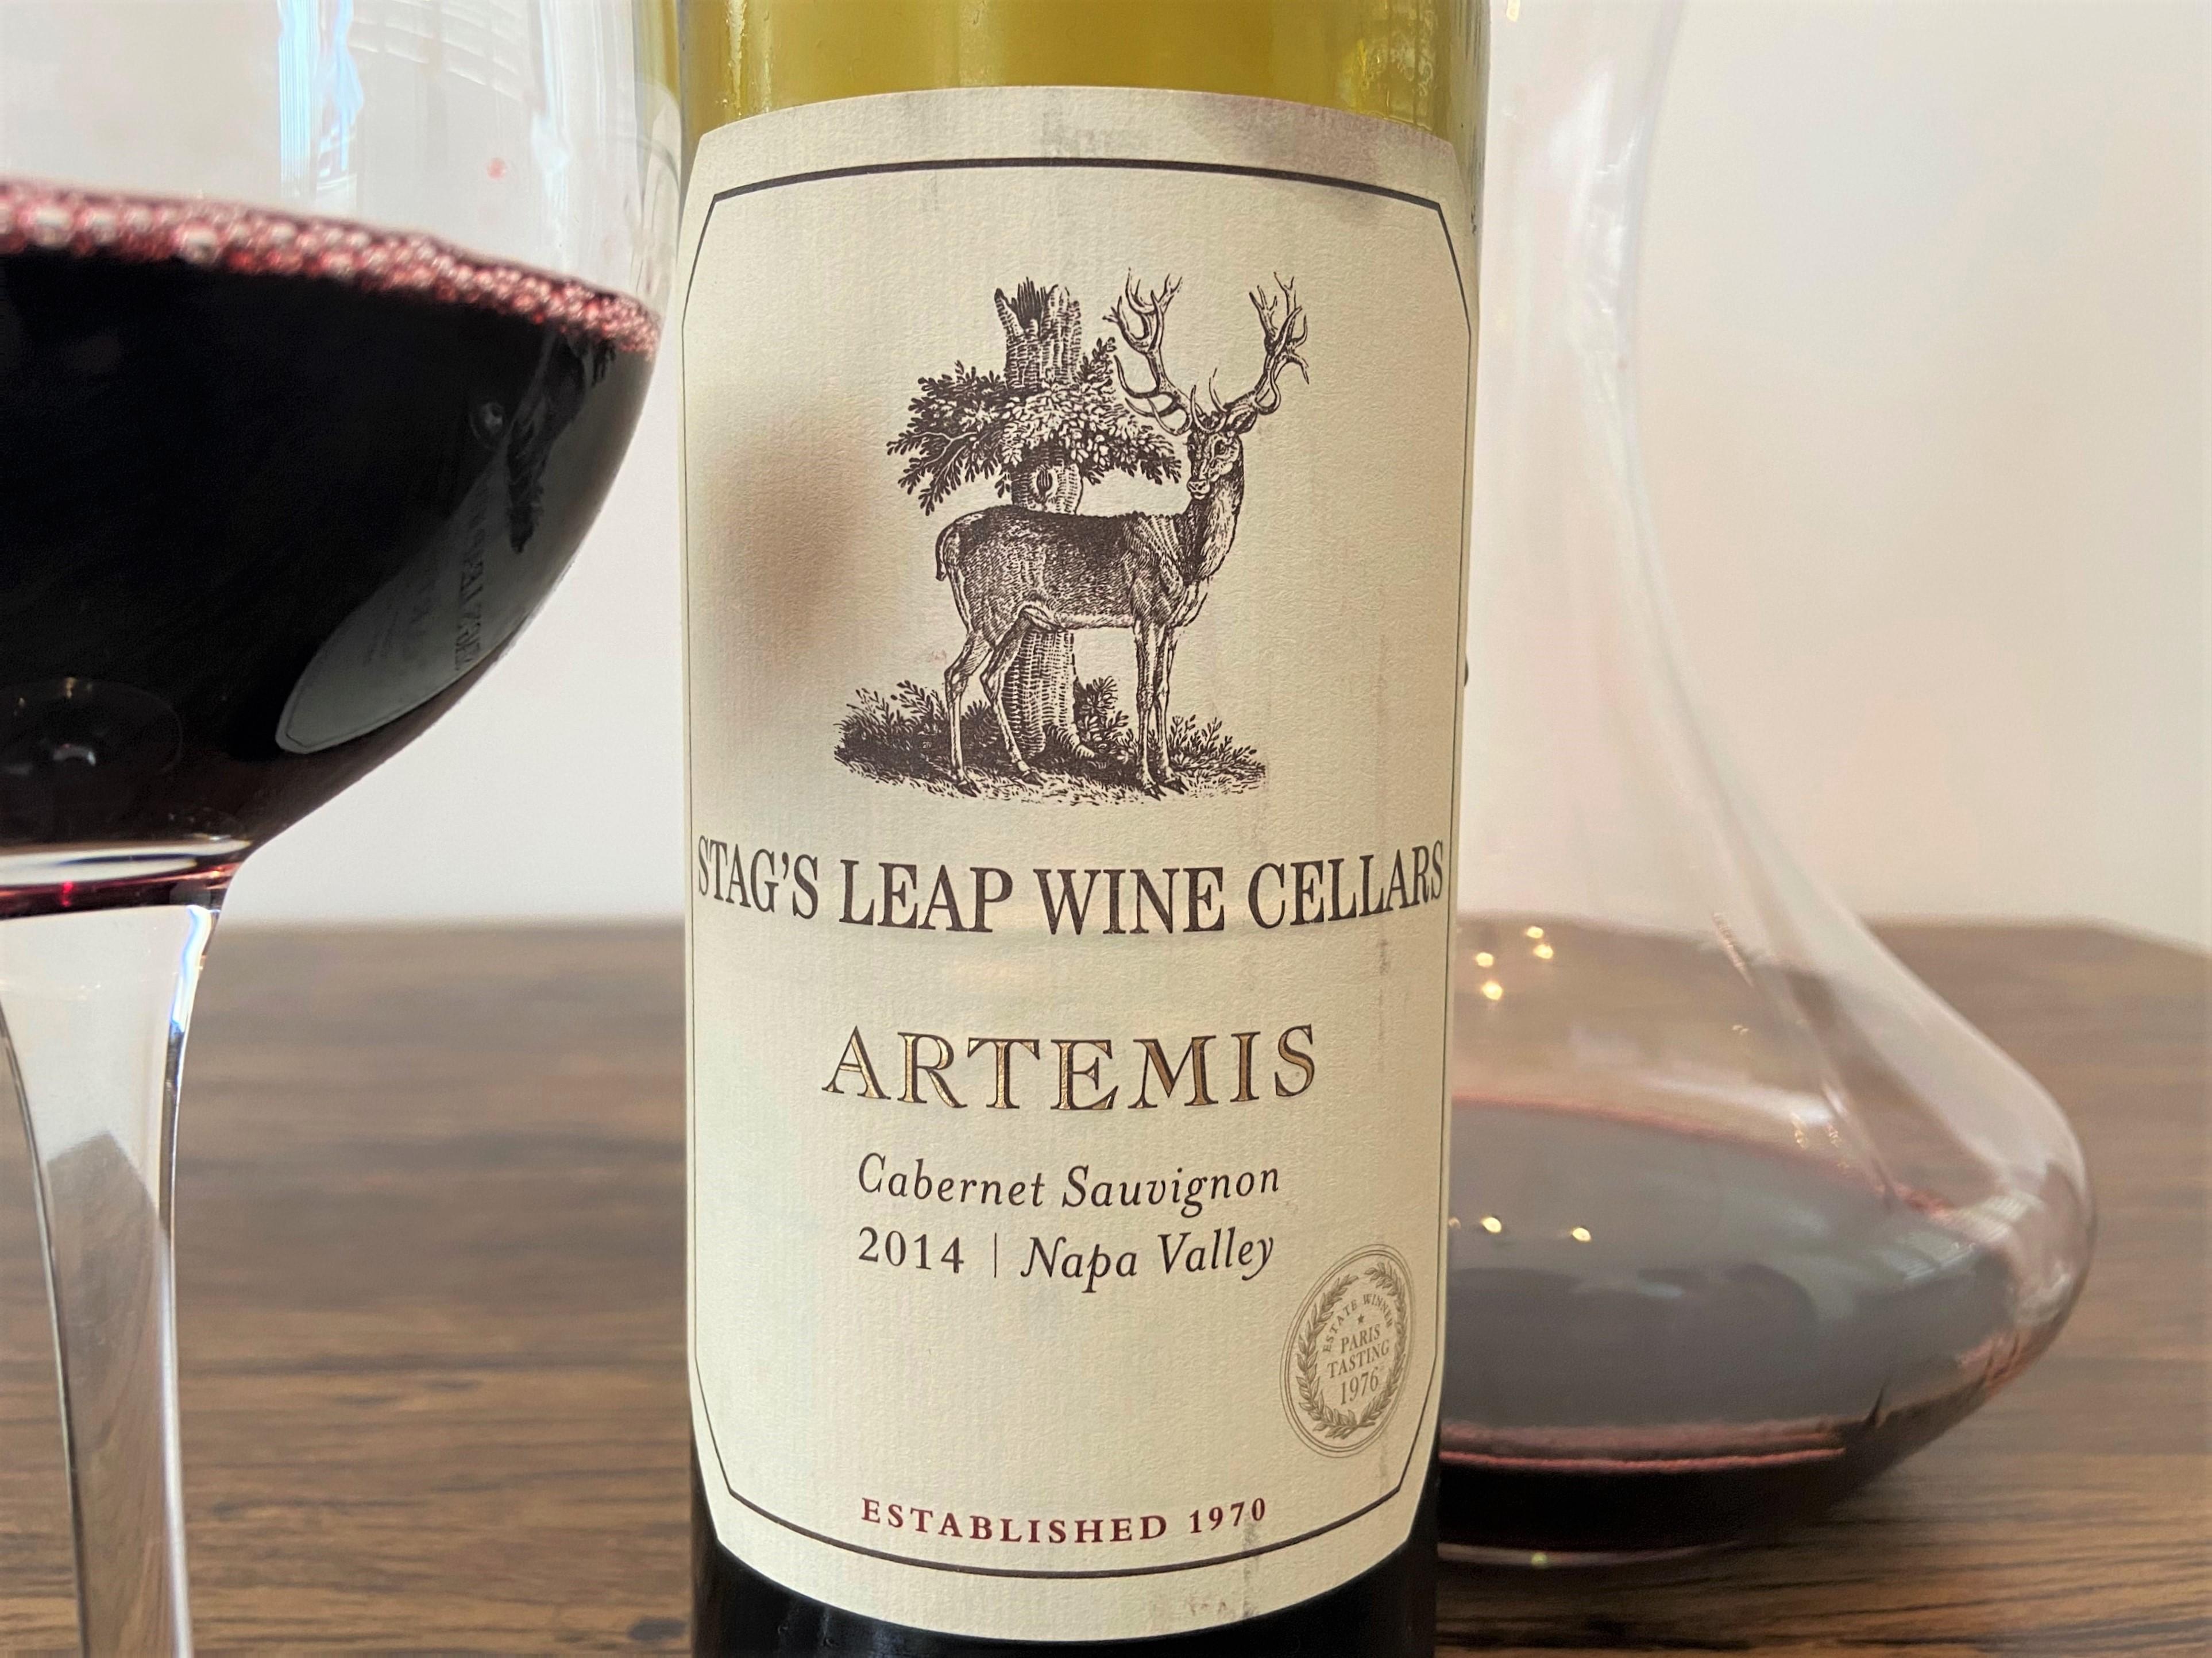 Stag's Leap Artemis